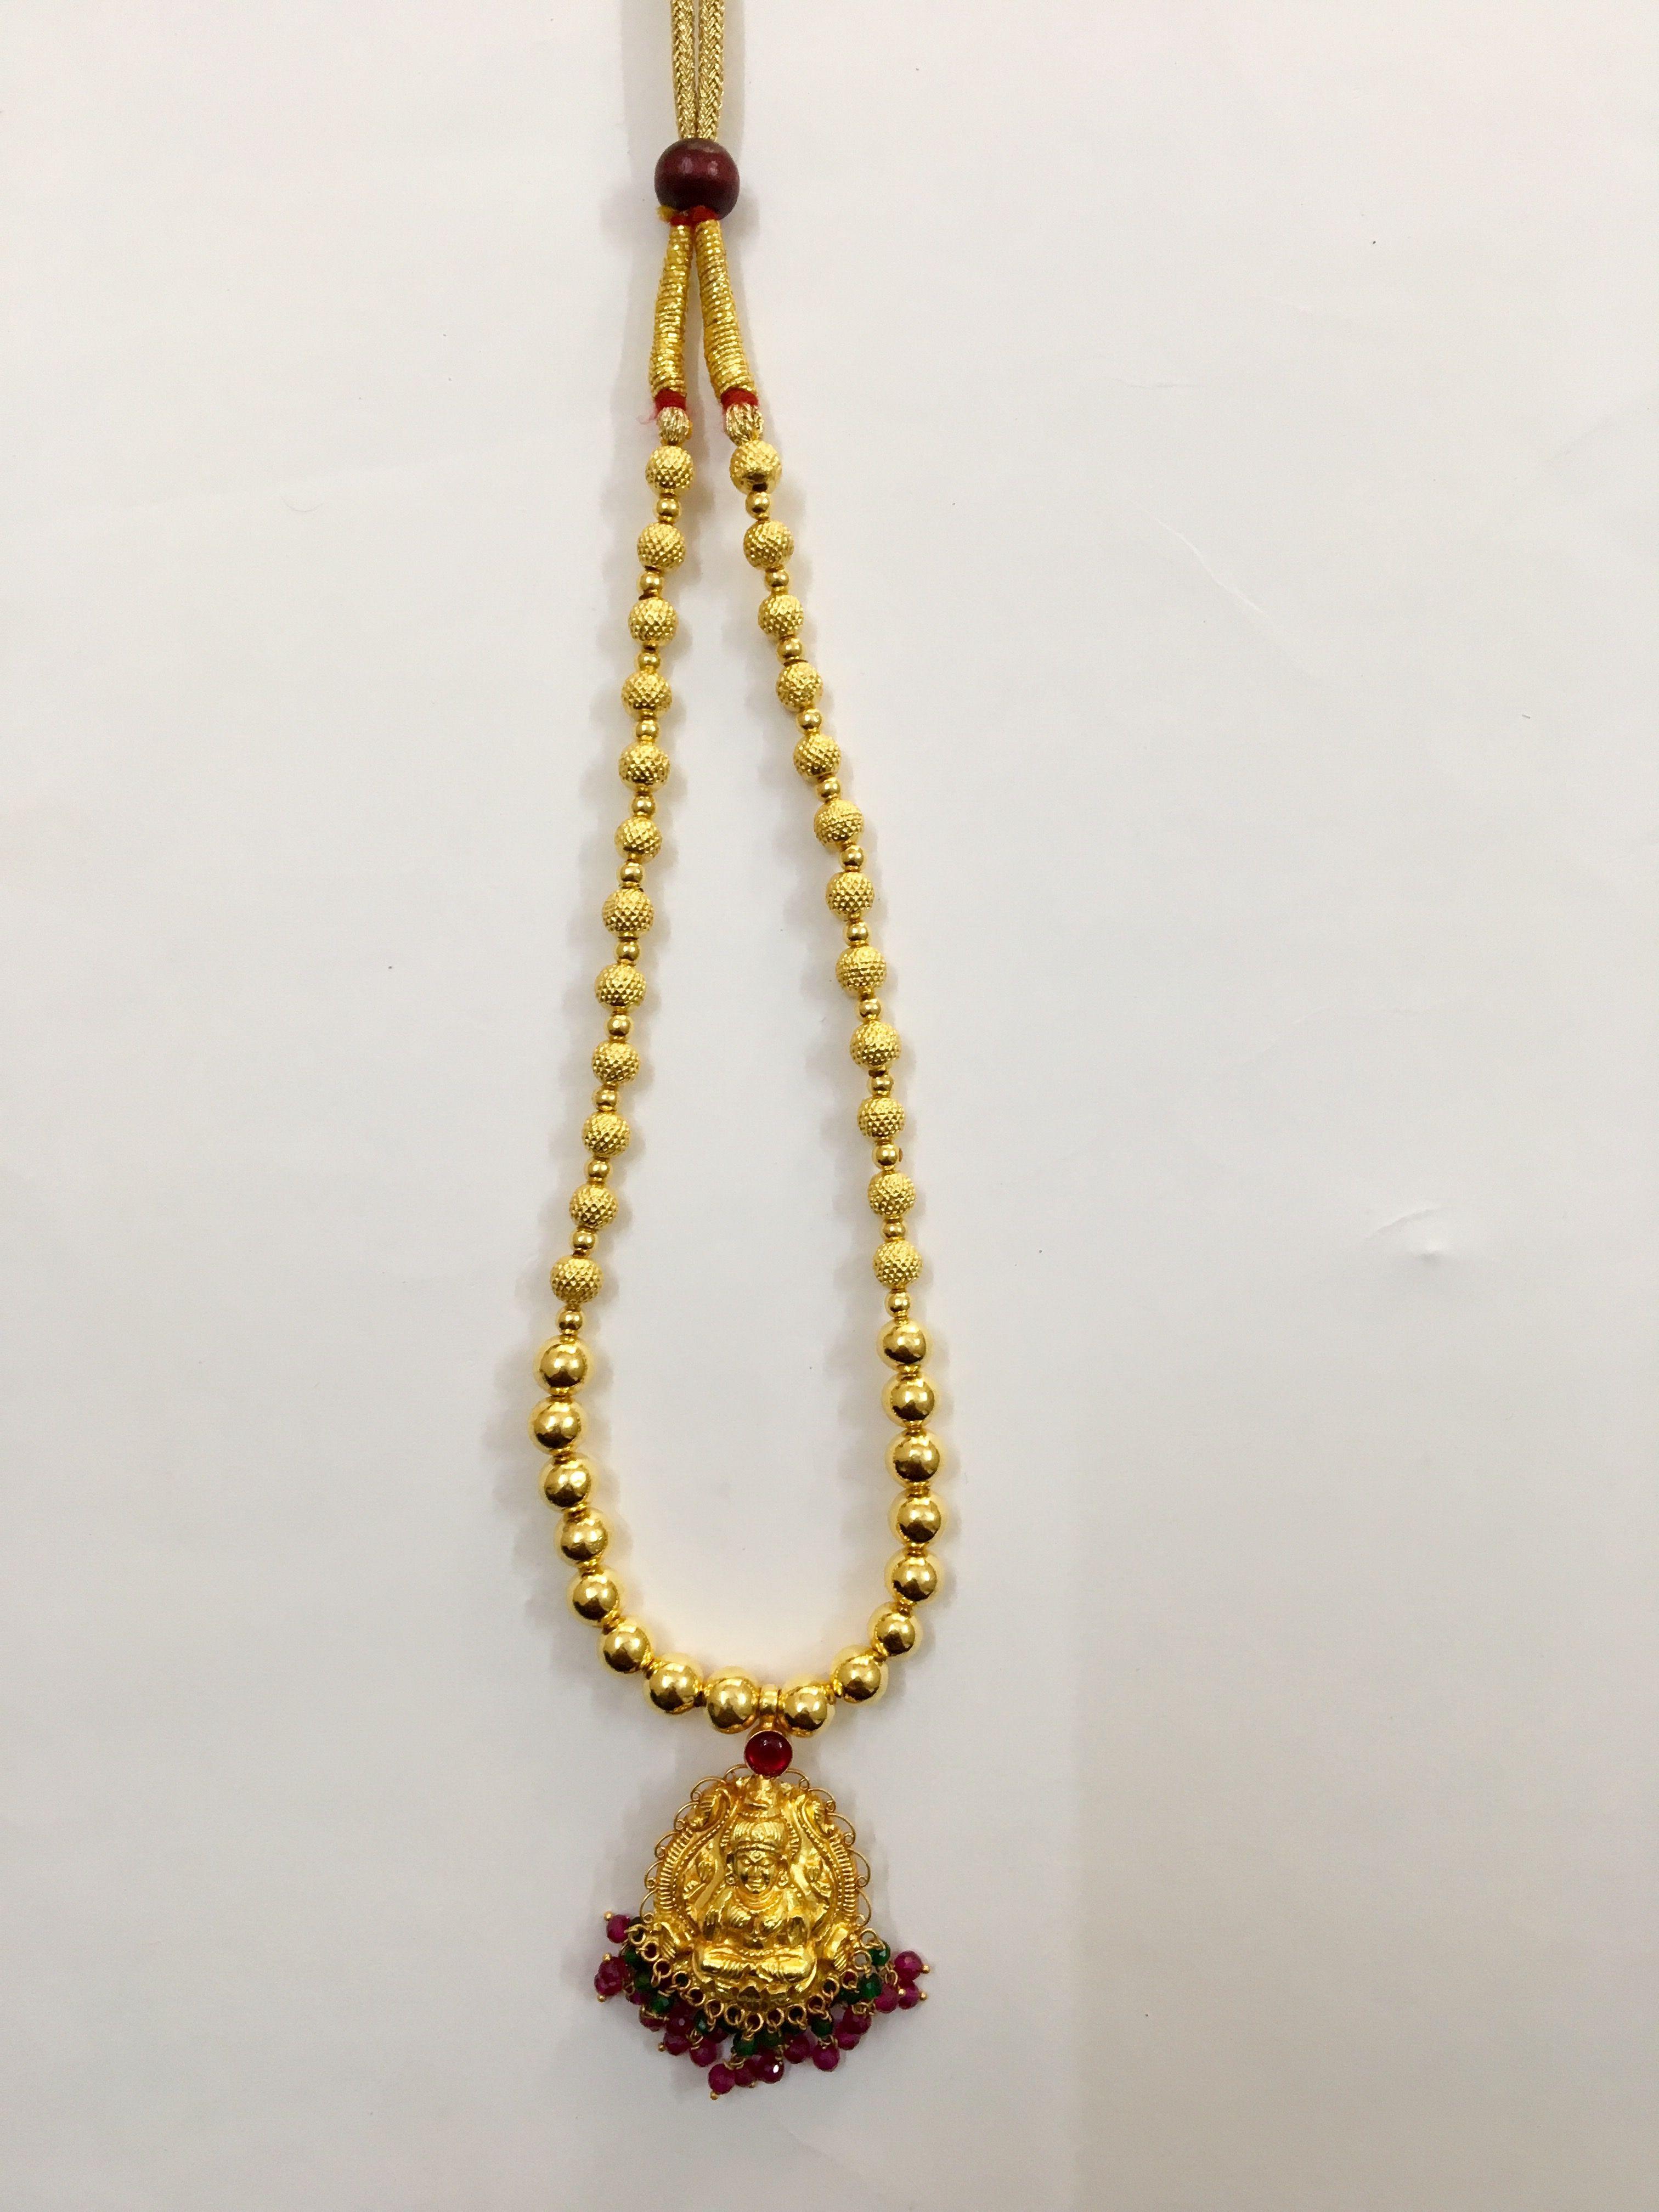 8338aab1d0b53 Shree Maya Jewellers 916 Gold Light weight Wax Beads Pendant Mala ...